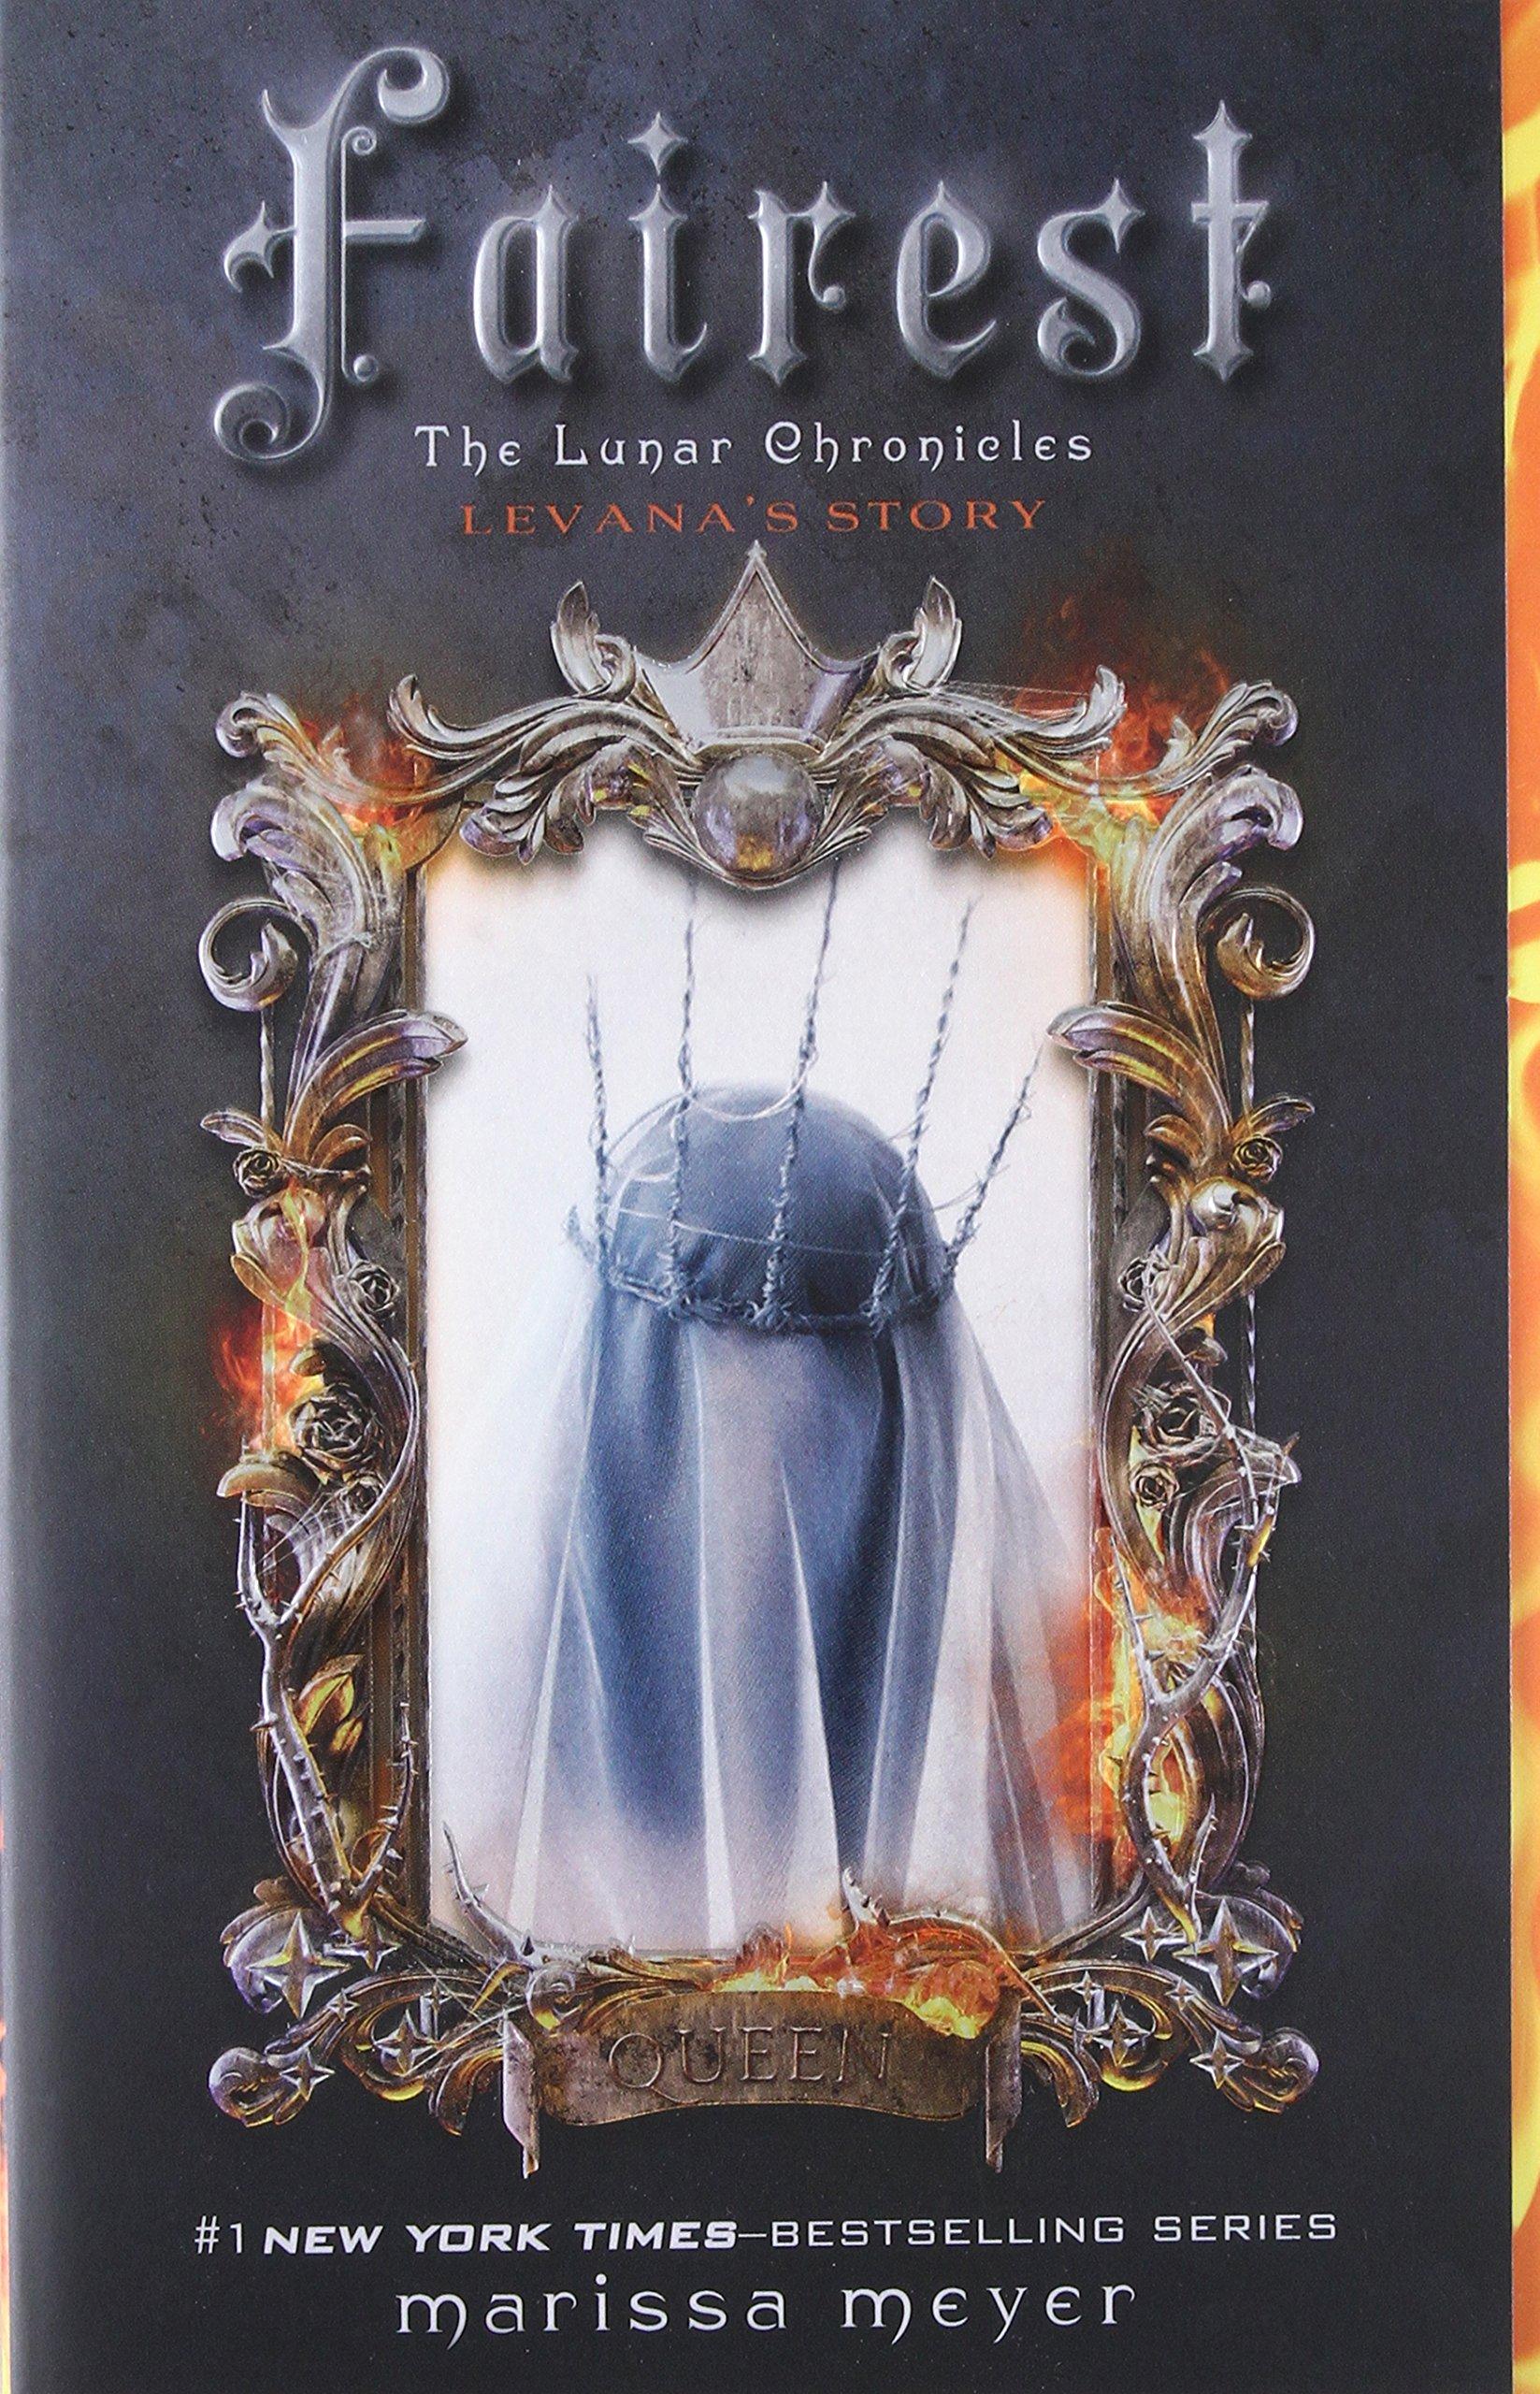 Fairest (The Lunar Chronicles)